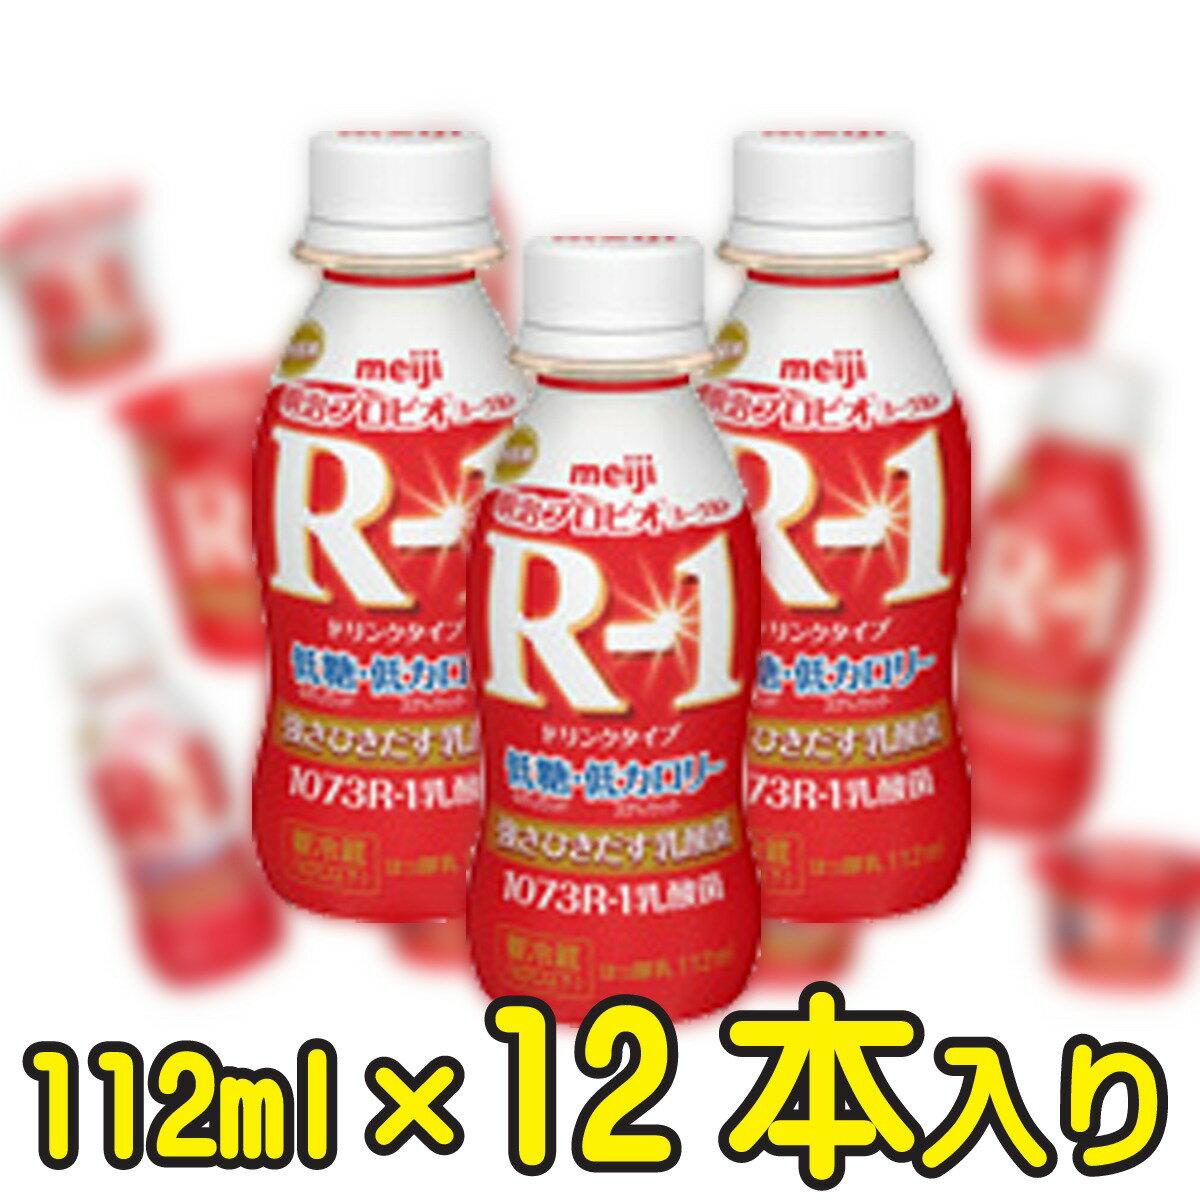 明治プロビオヨーグルトR-1ドリンクタイプ低糖・低カロリー【1ケース12本入り】